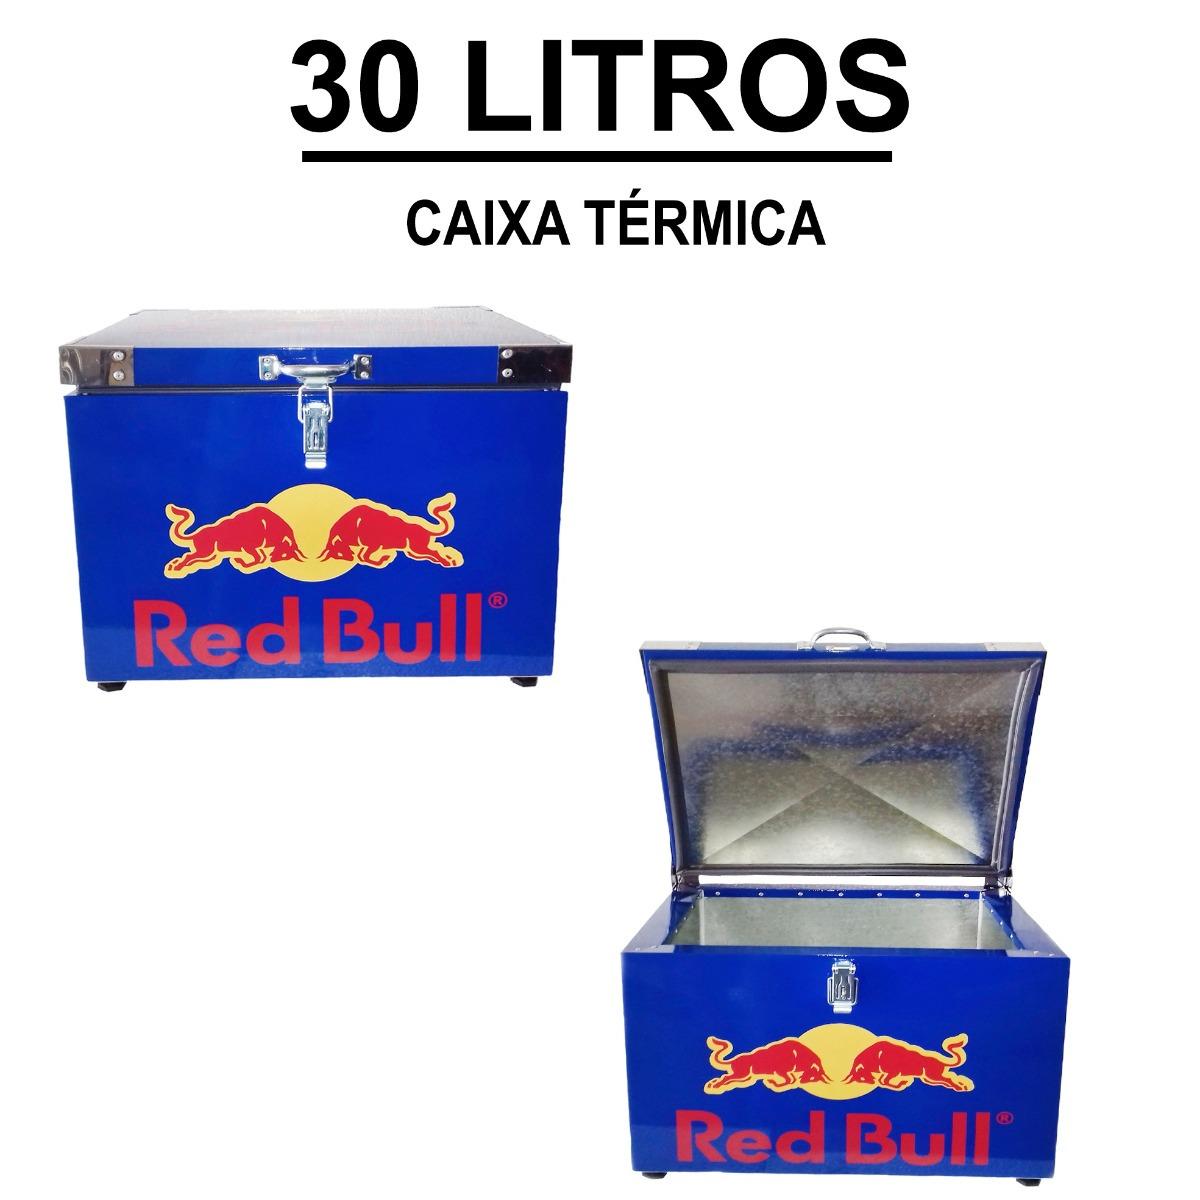 40d700e107c1a caixa térmica red bull azul 30 litros. Carregando zoom.